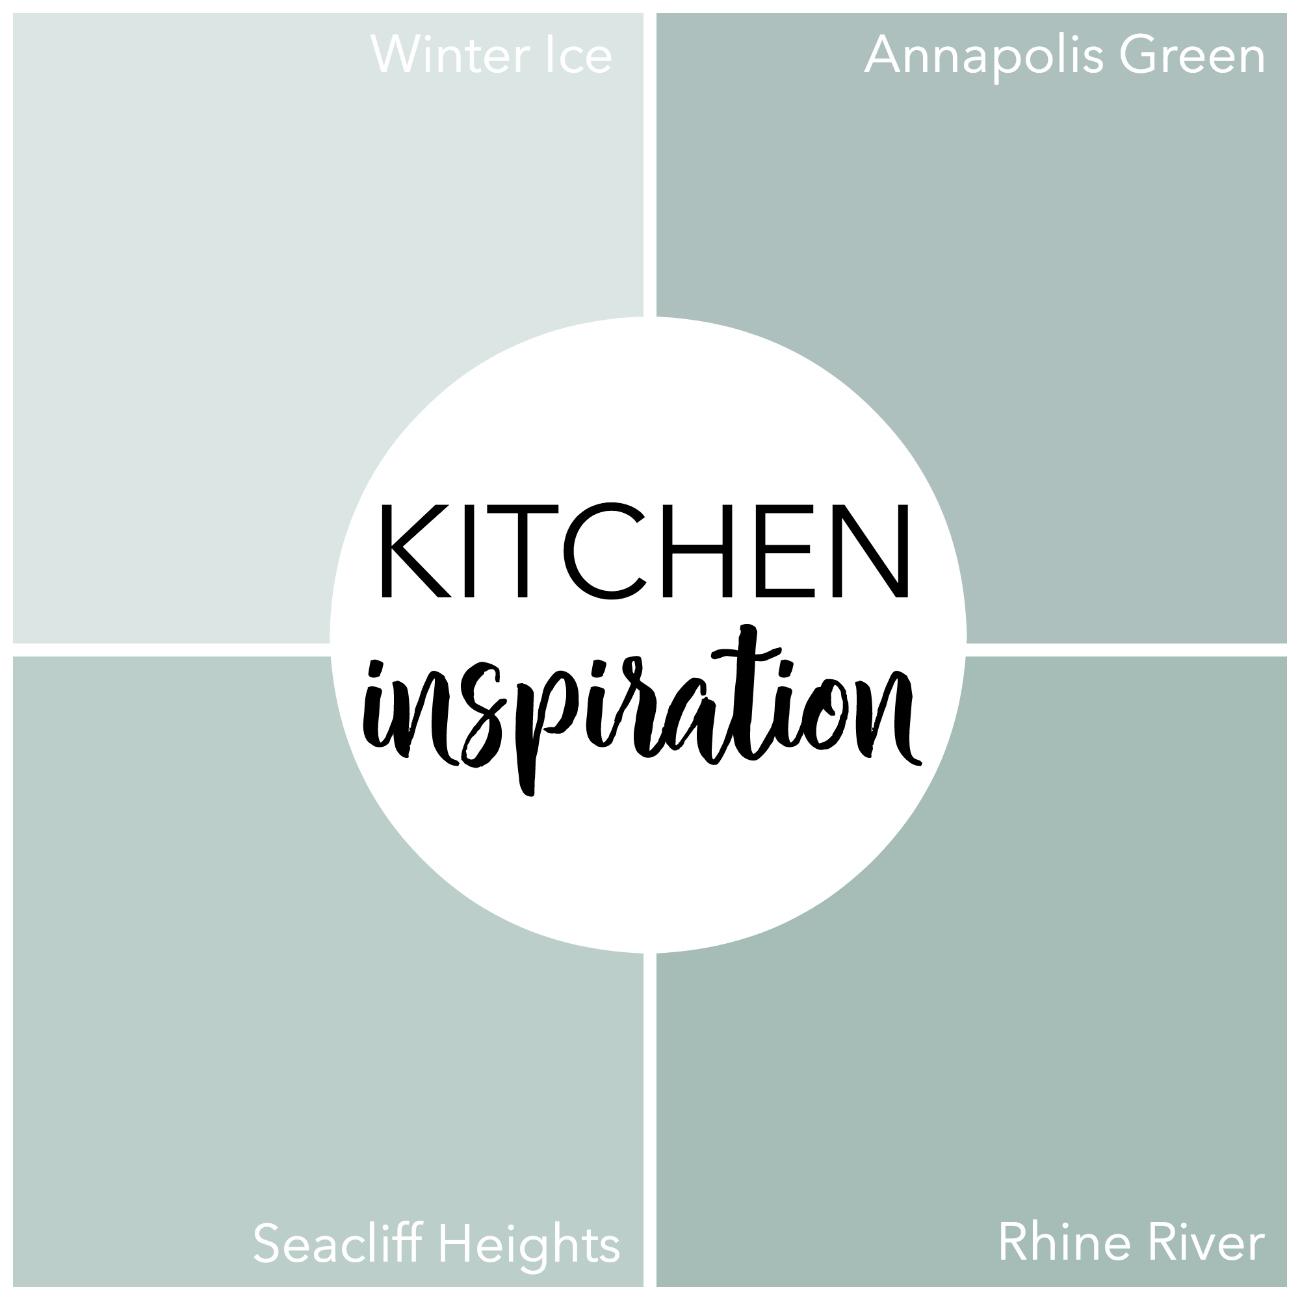 Kitchen Remodel: Planning